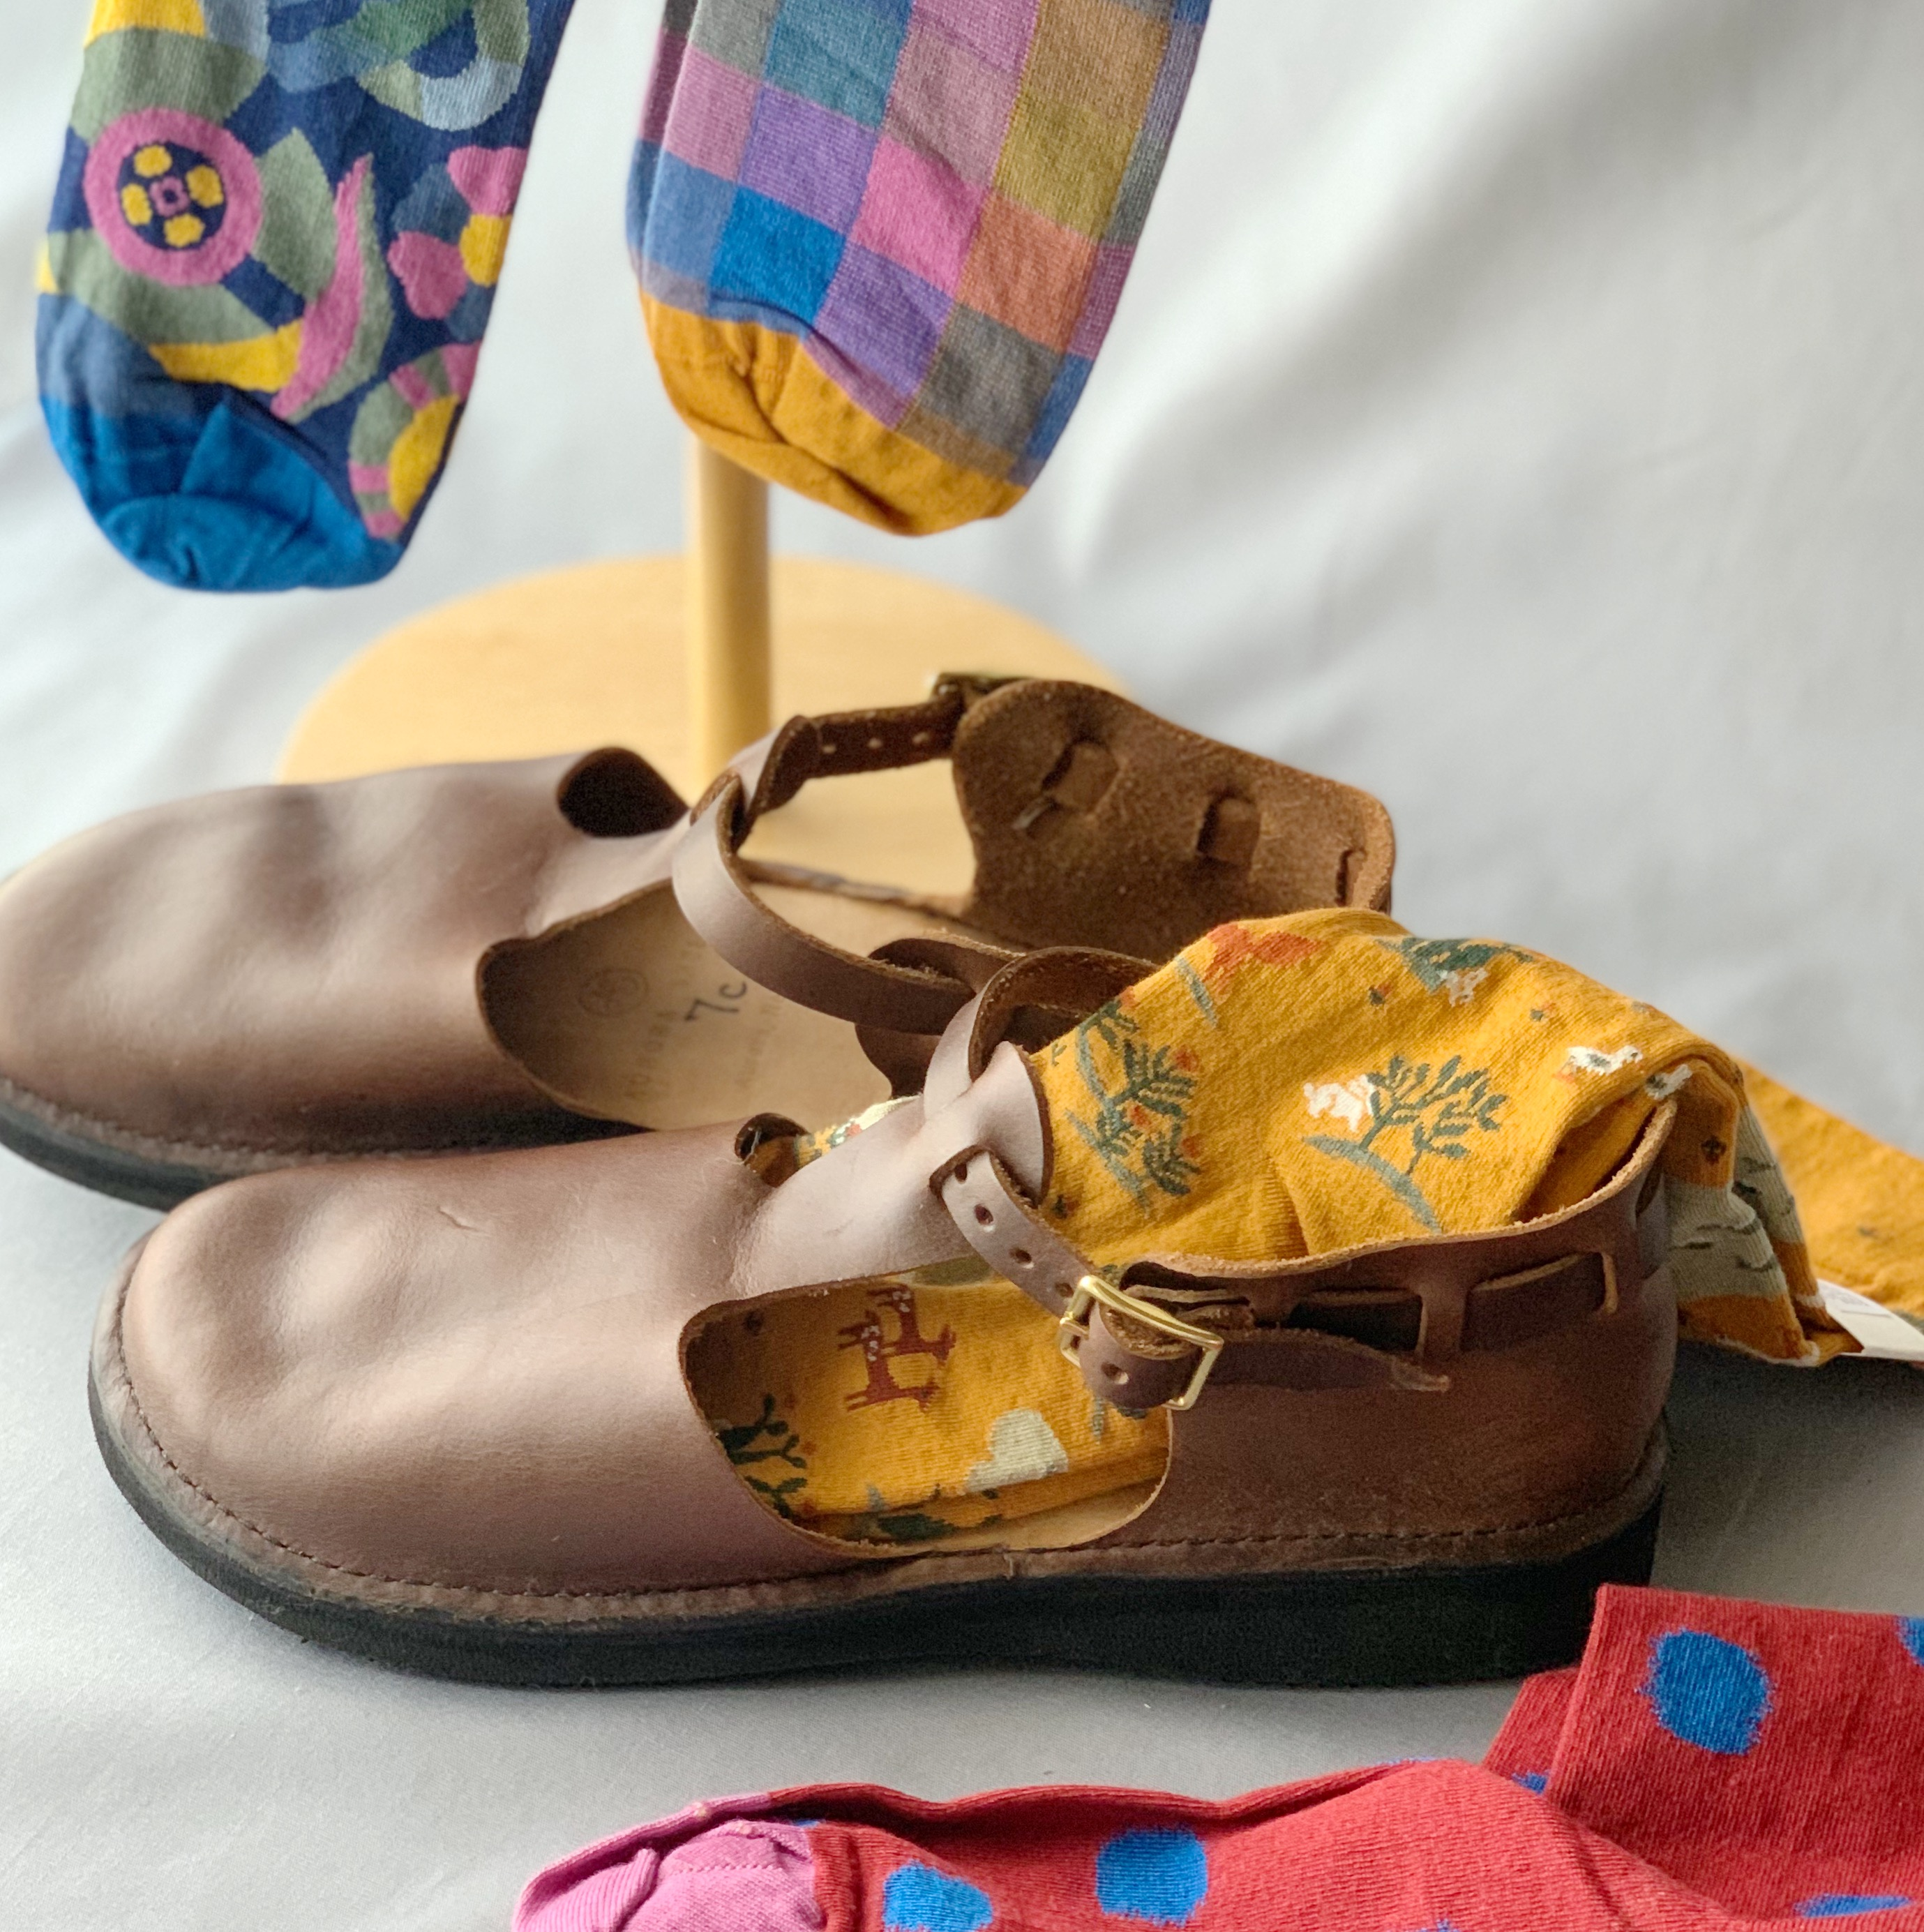 履き込むほどに馴染む一足、オーロラシューズ (サイズ・お手入れ方法について)